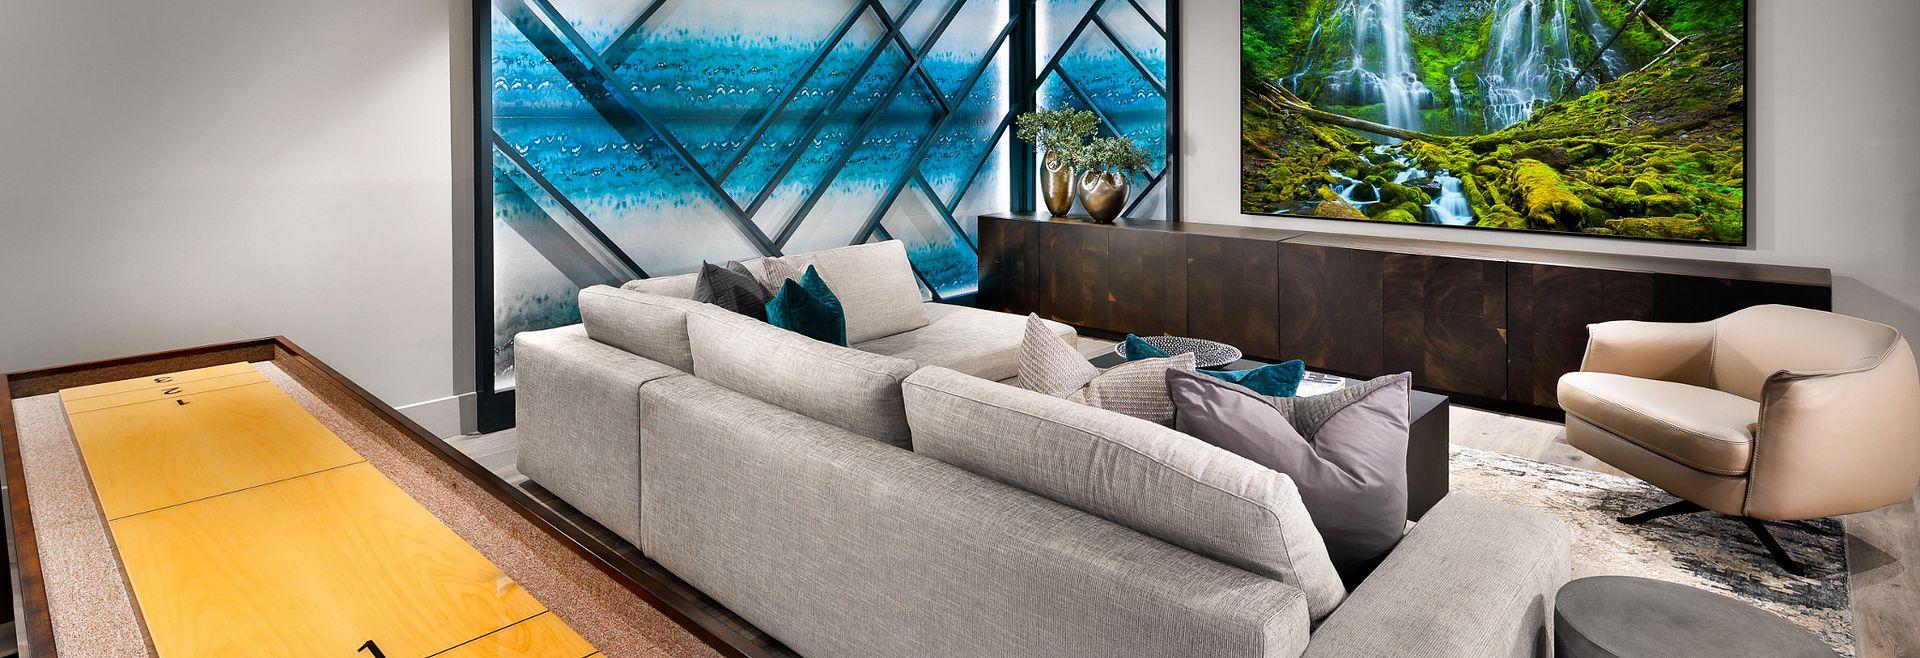 Azure Residence 3 Basement